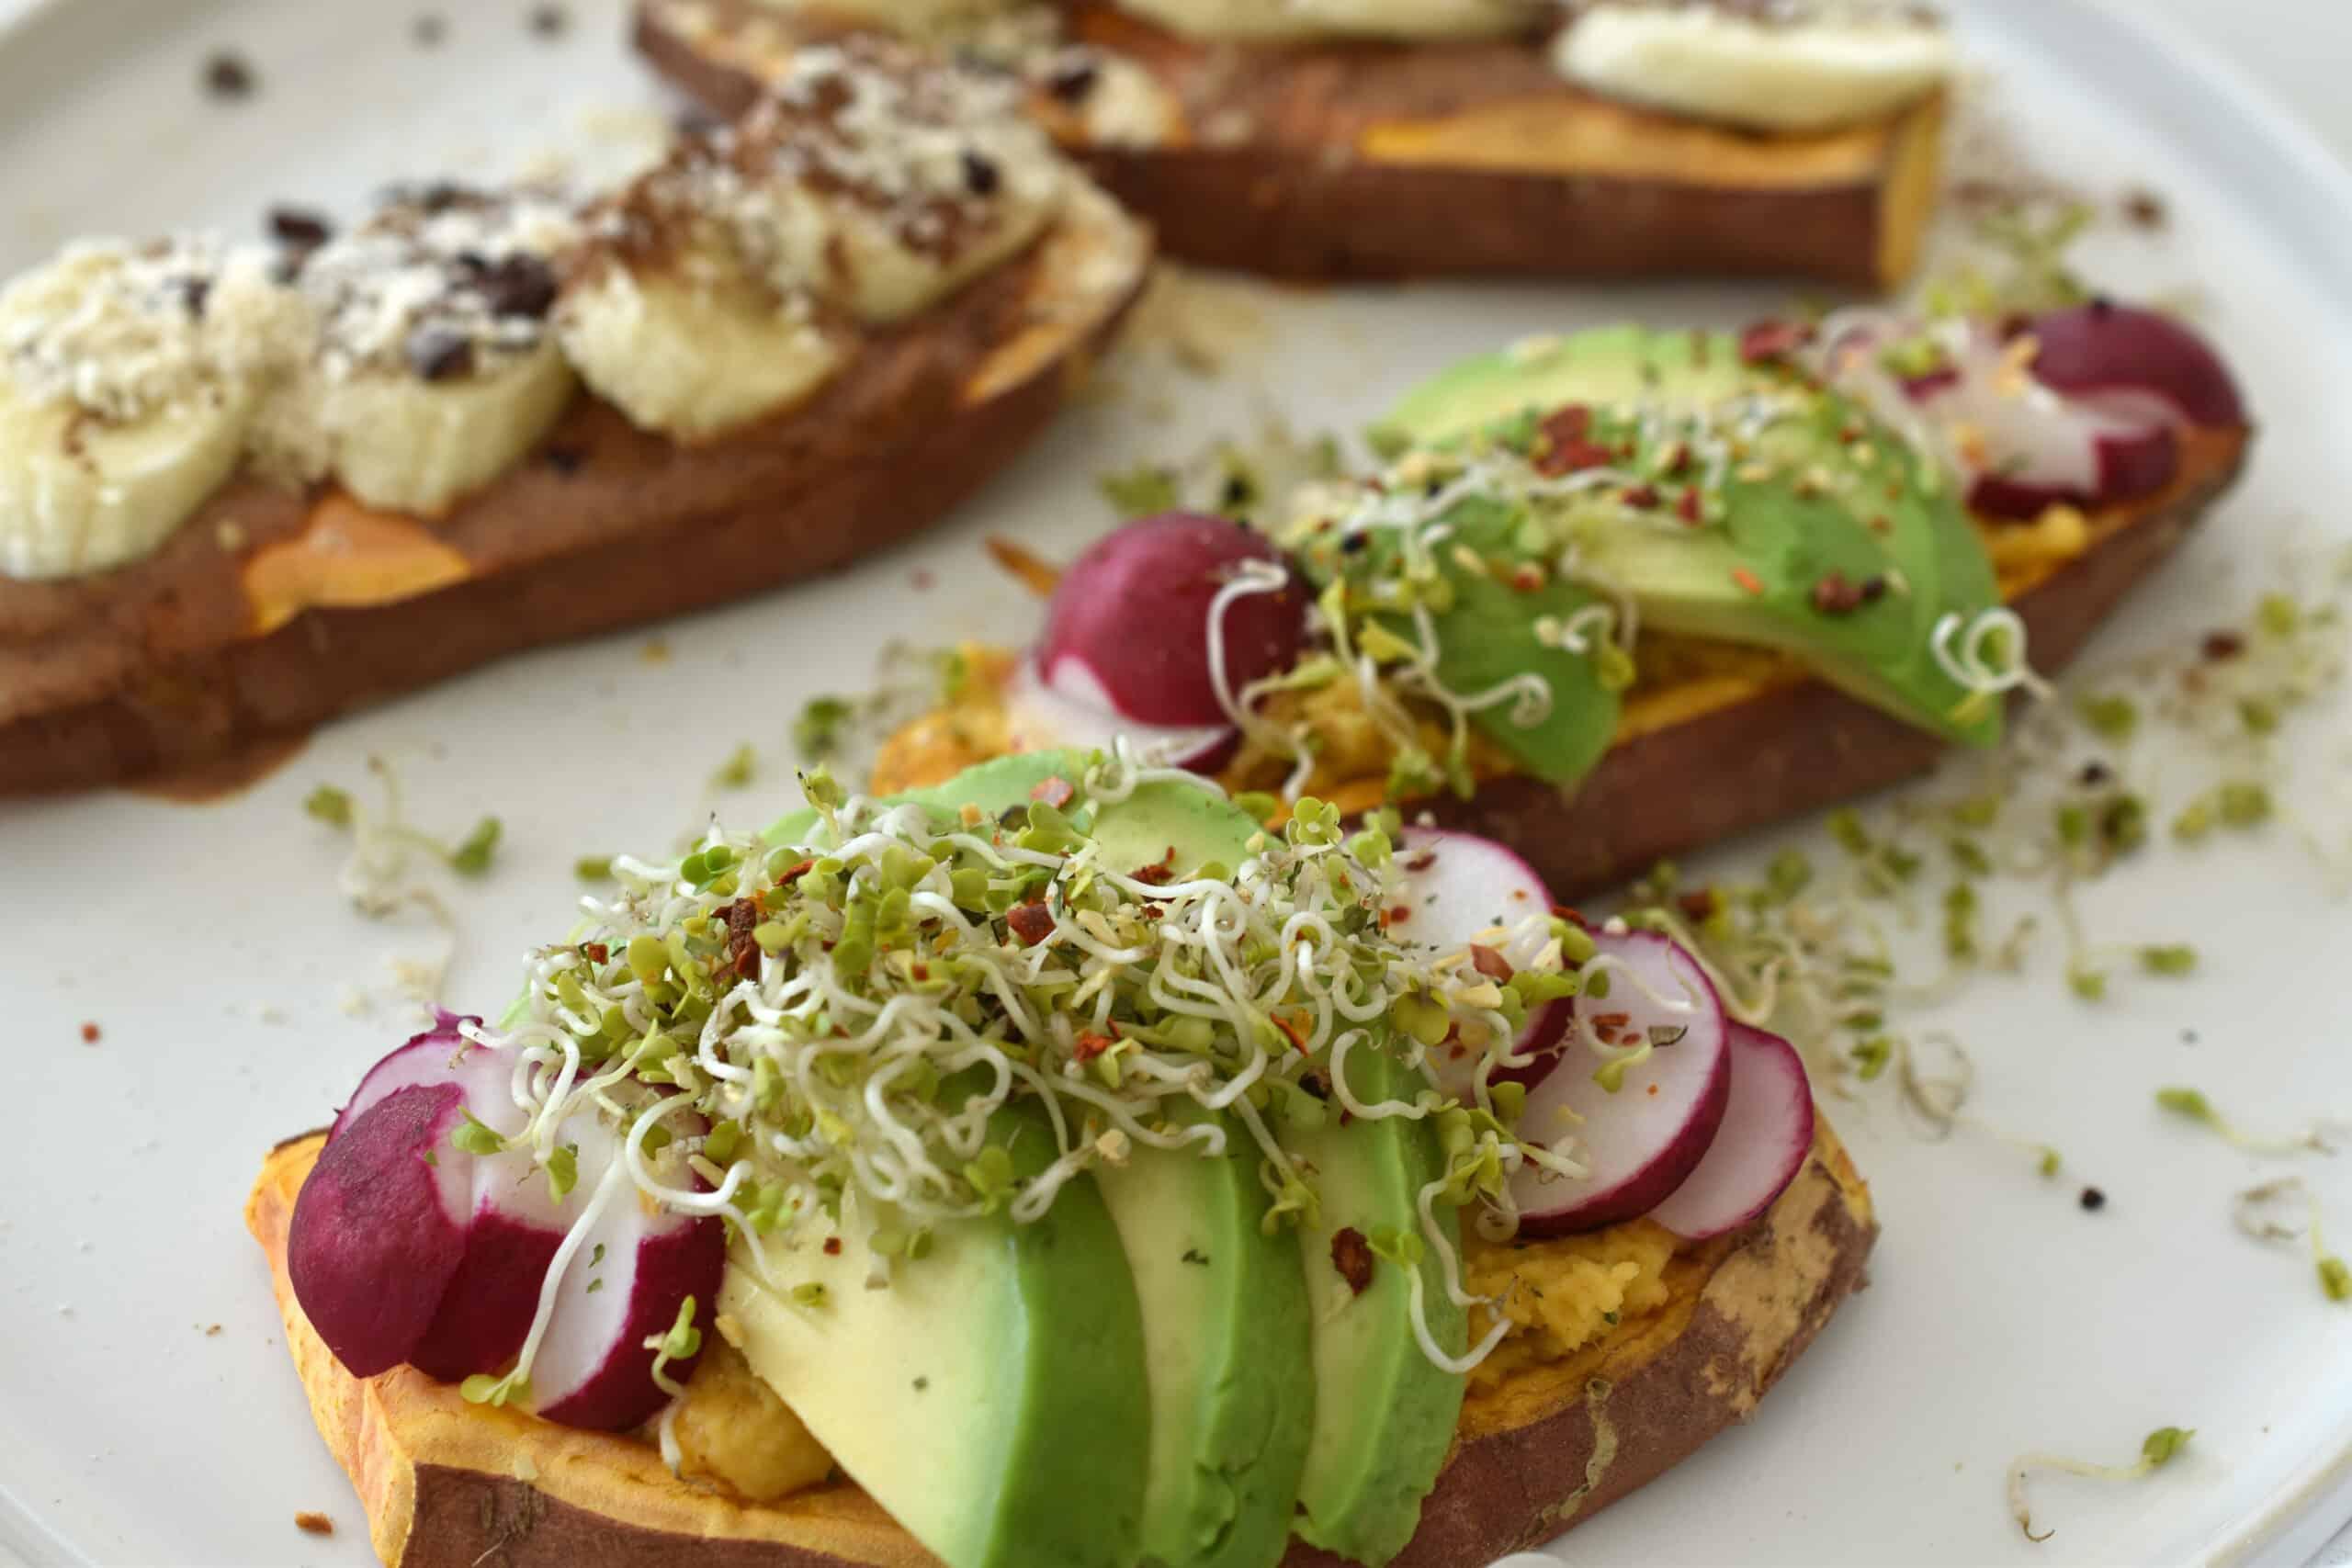 Der vegane & glutenfreie Food Trend